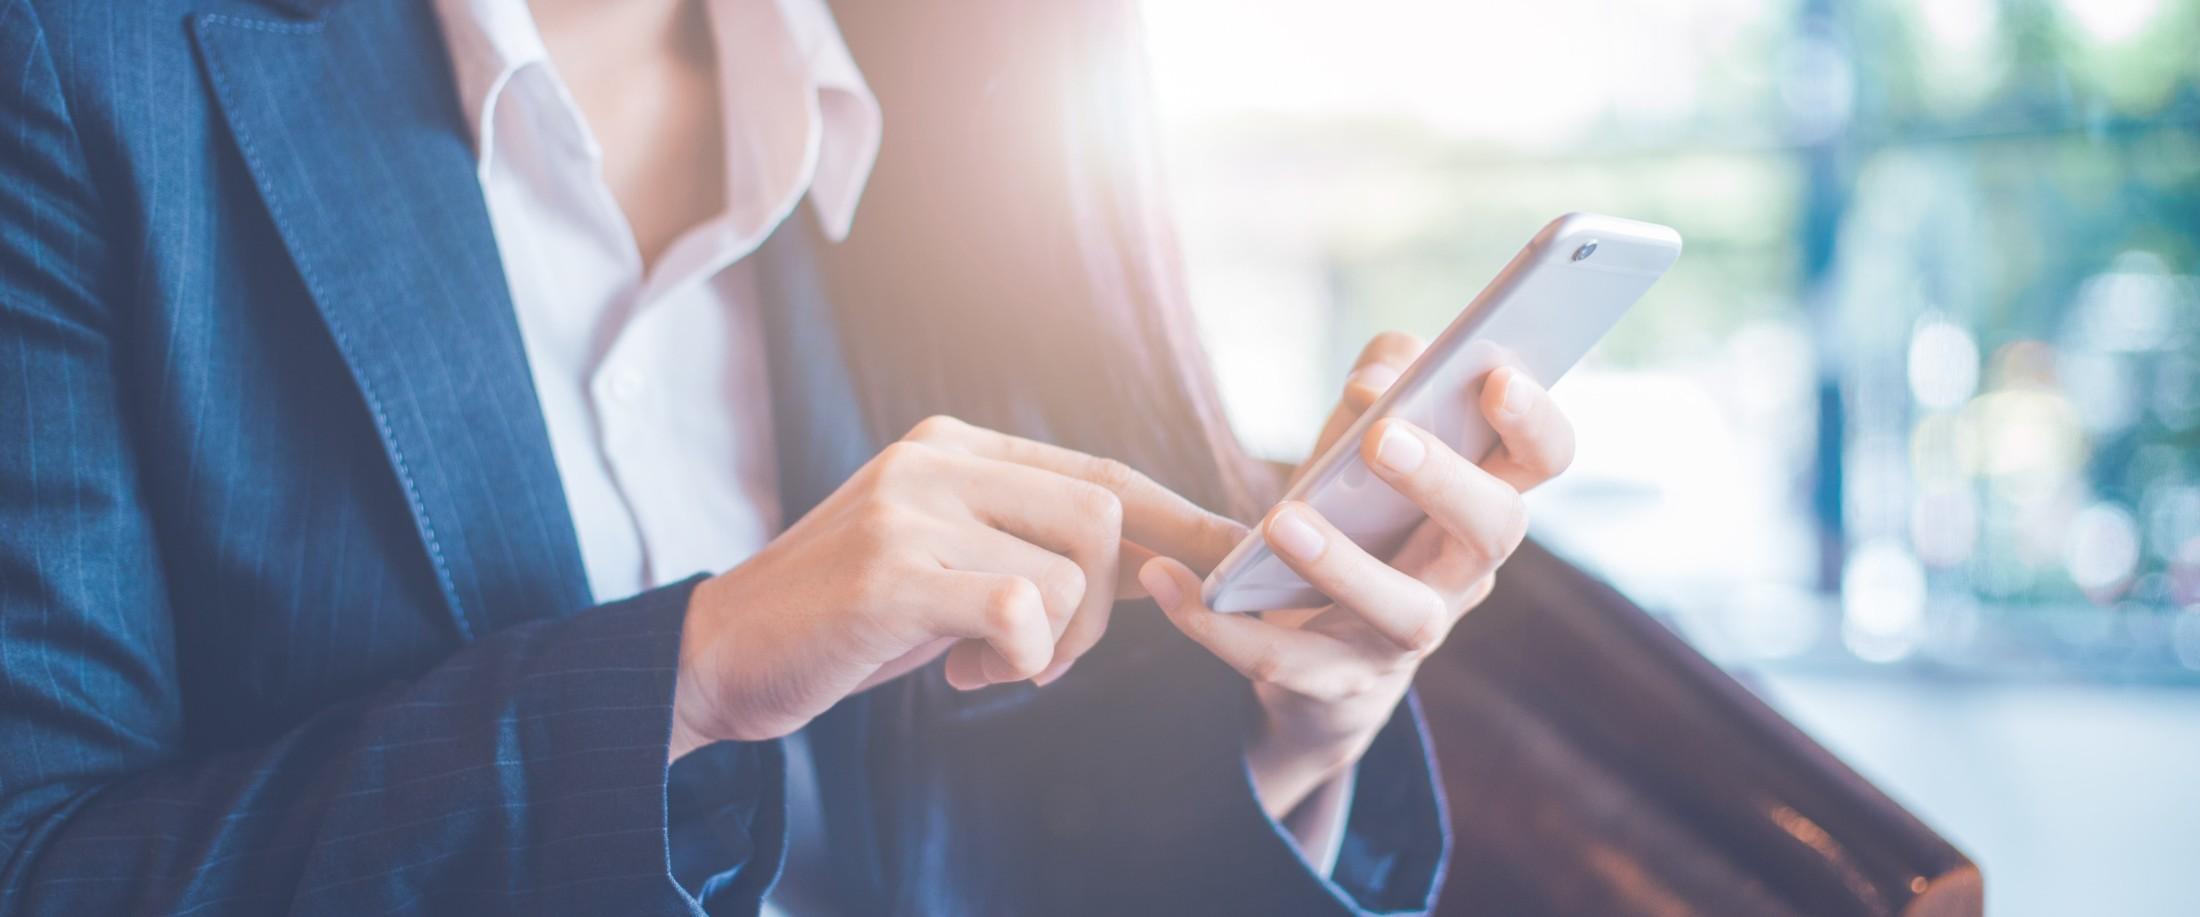 I-Phone: Hohe Sicherheitsstandards mit dem iOS Betriebssystem